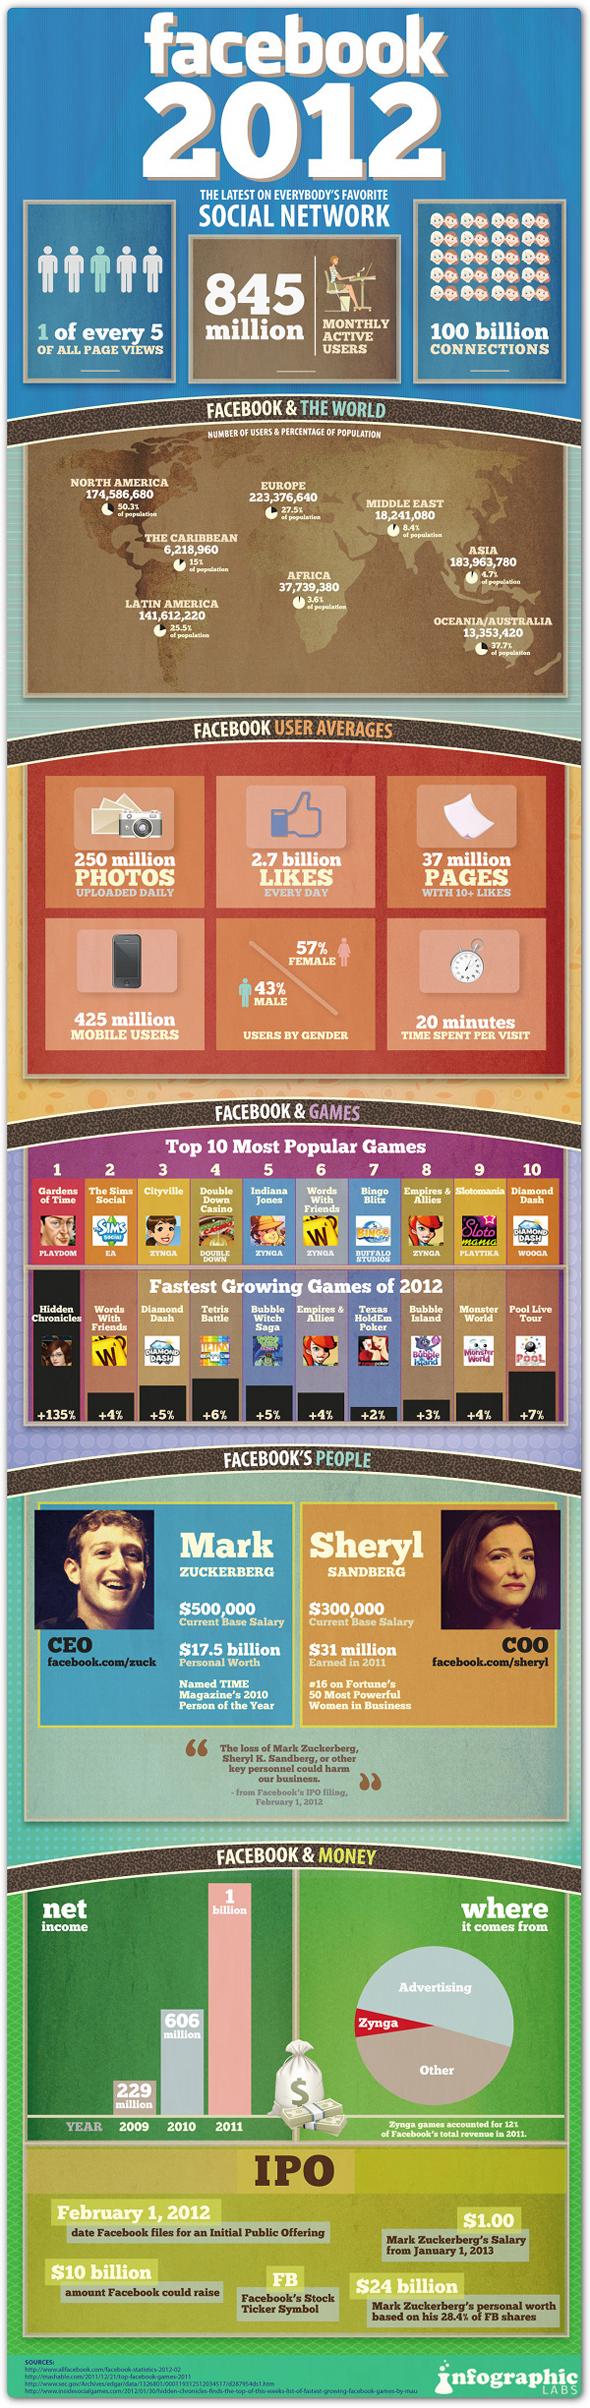 O facebook em 2012 - BLOGit ( http://www.blogit.com.br/blog/2012/02/numeros-do-facebook-e-do-twitter/ )